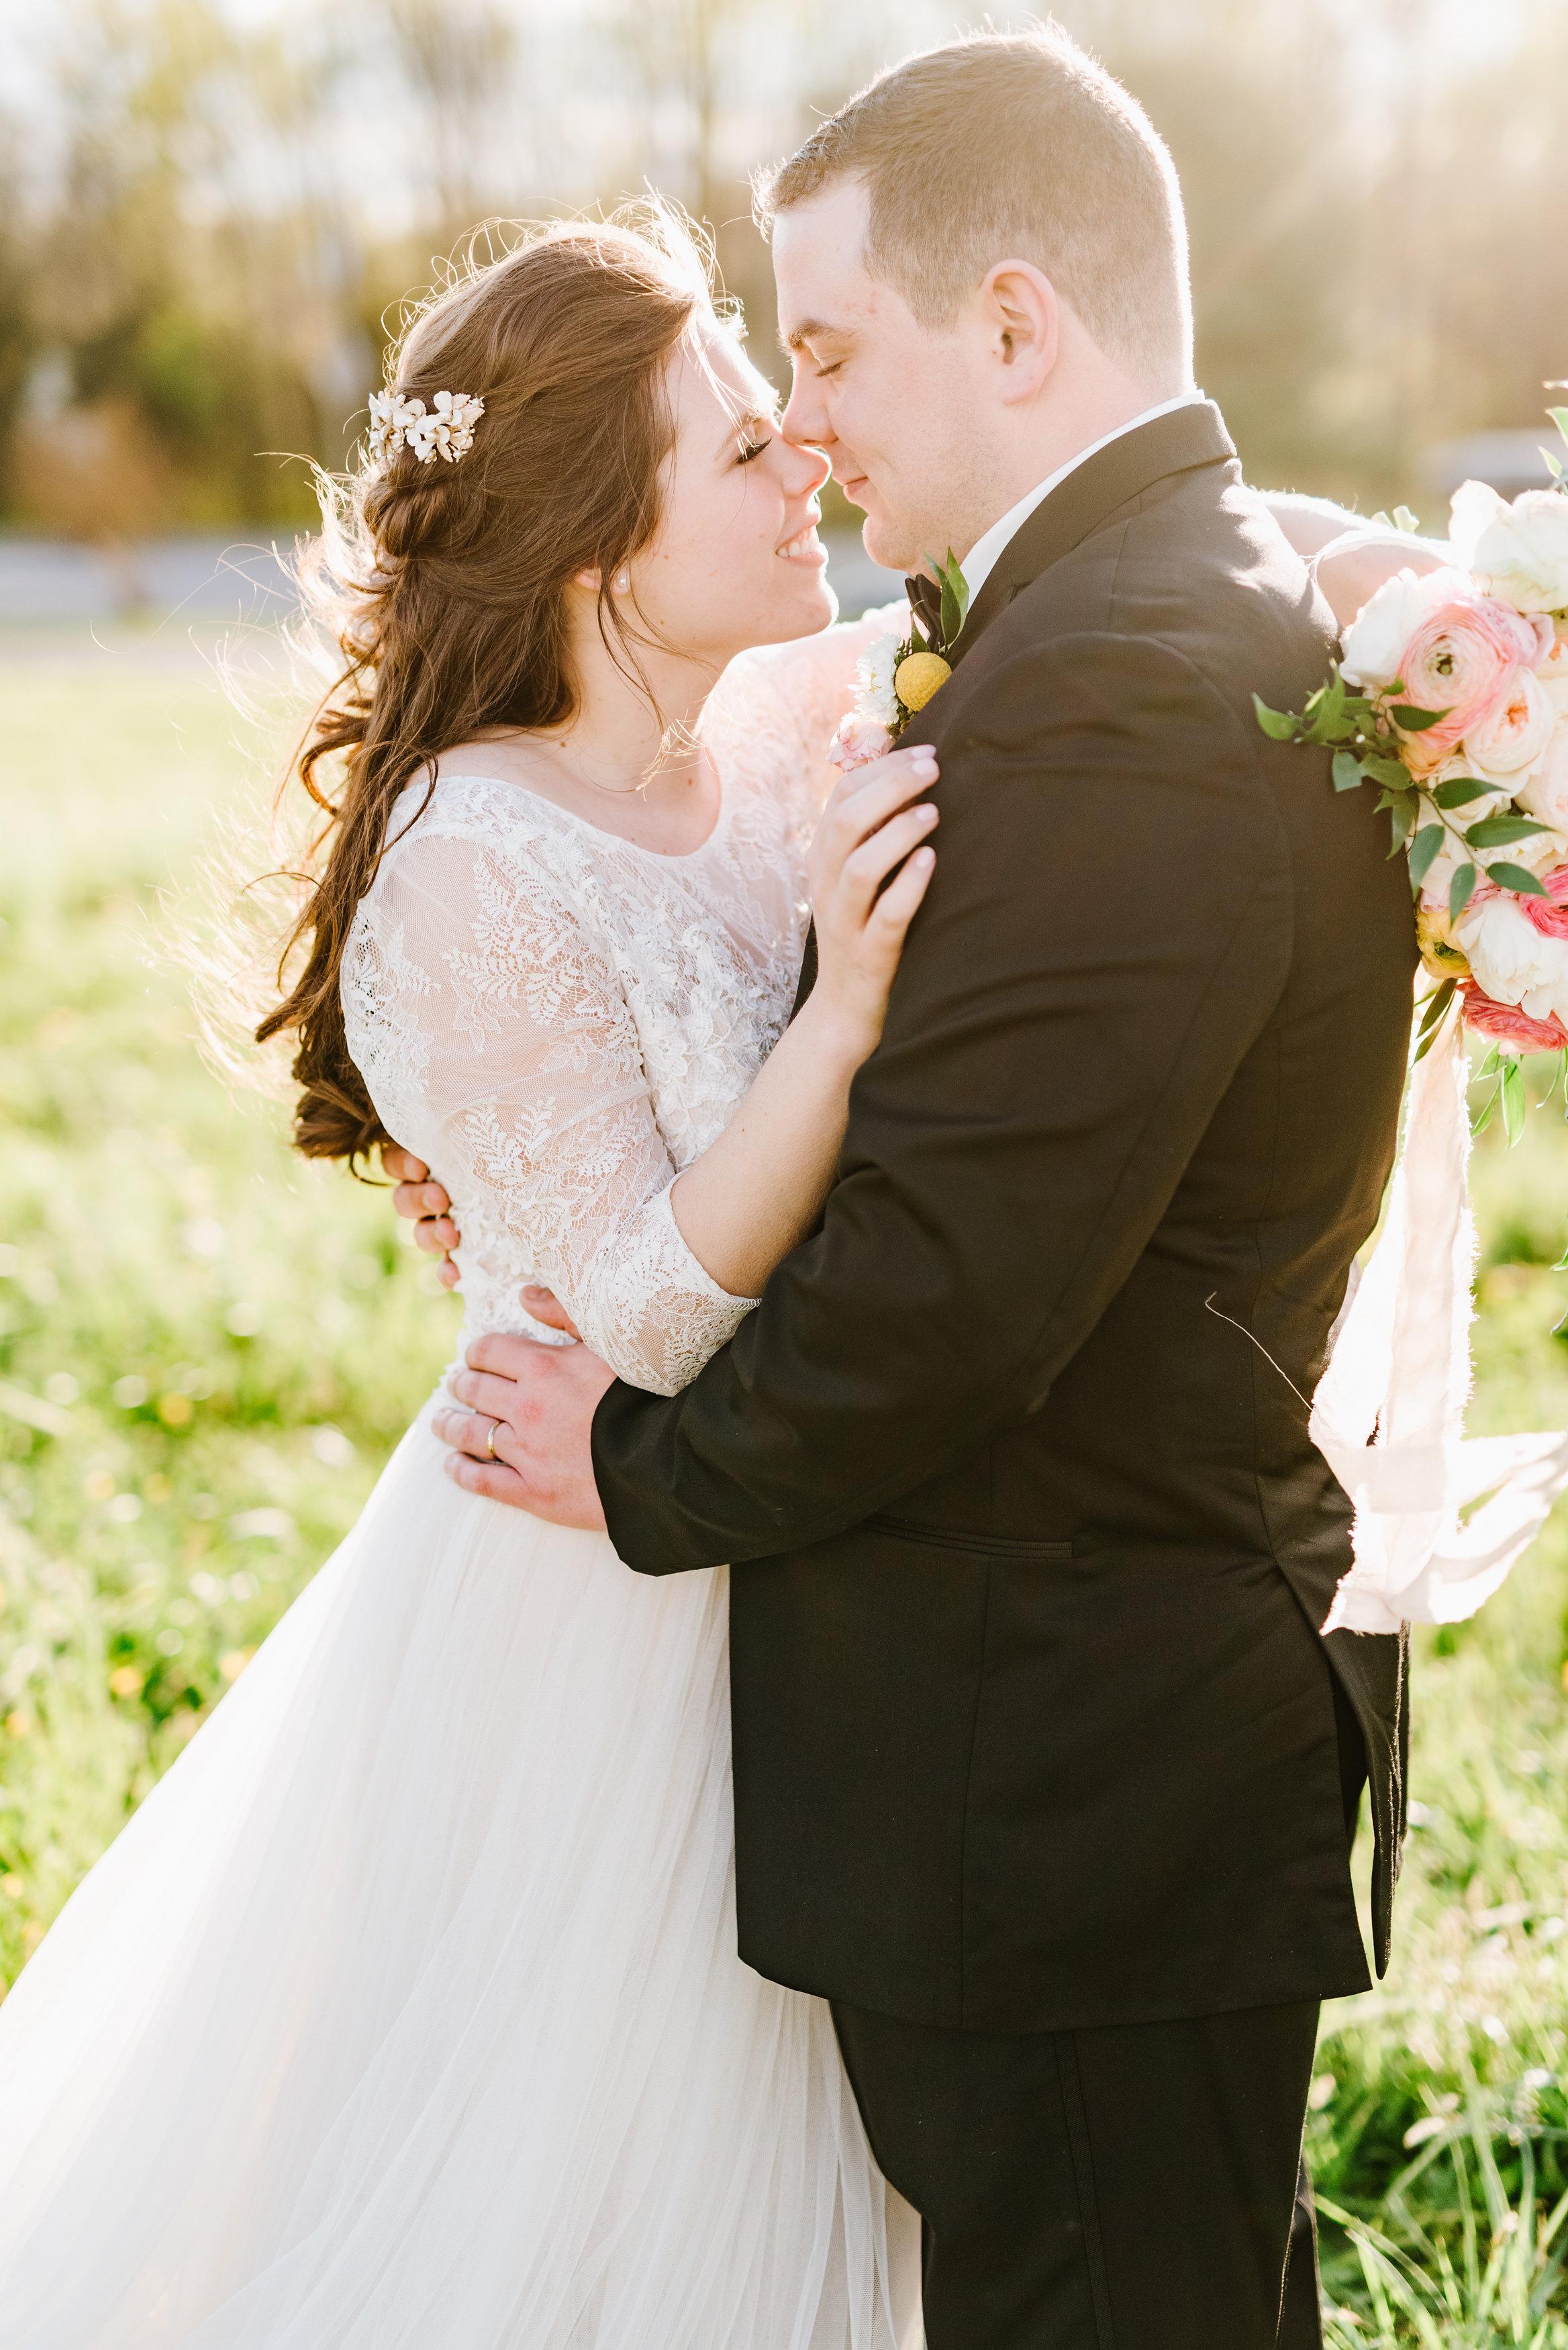 tylar-seth-wedding-763.jpg